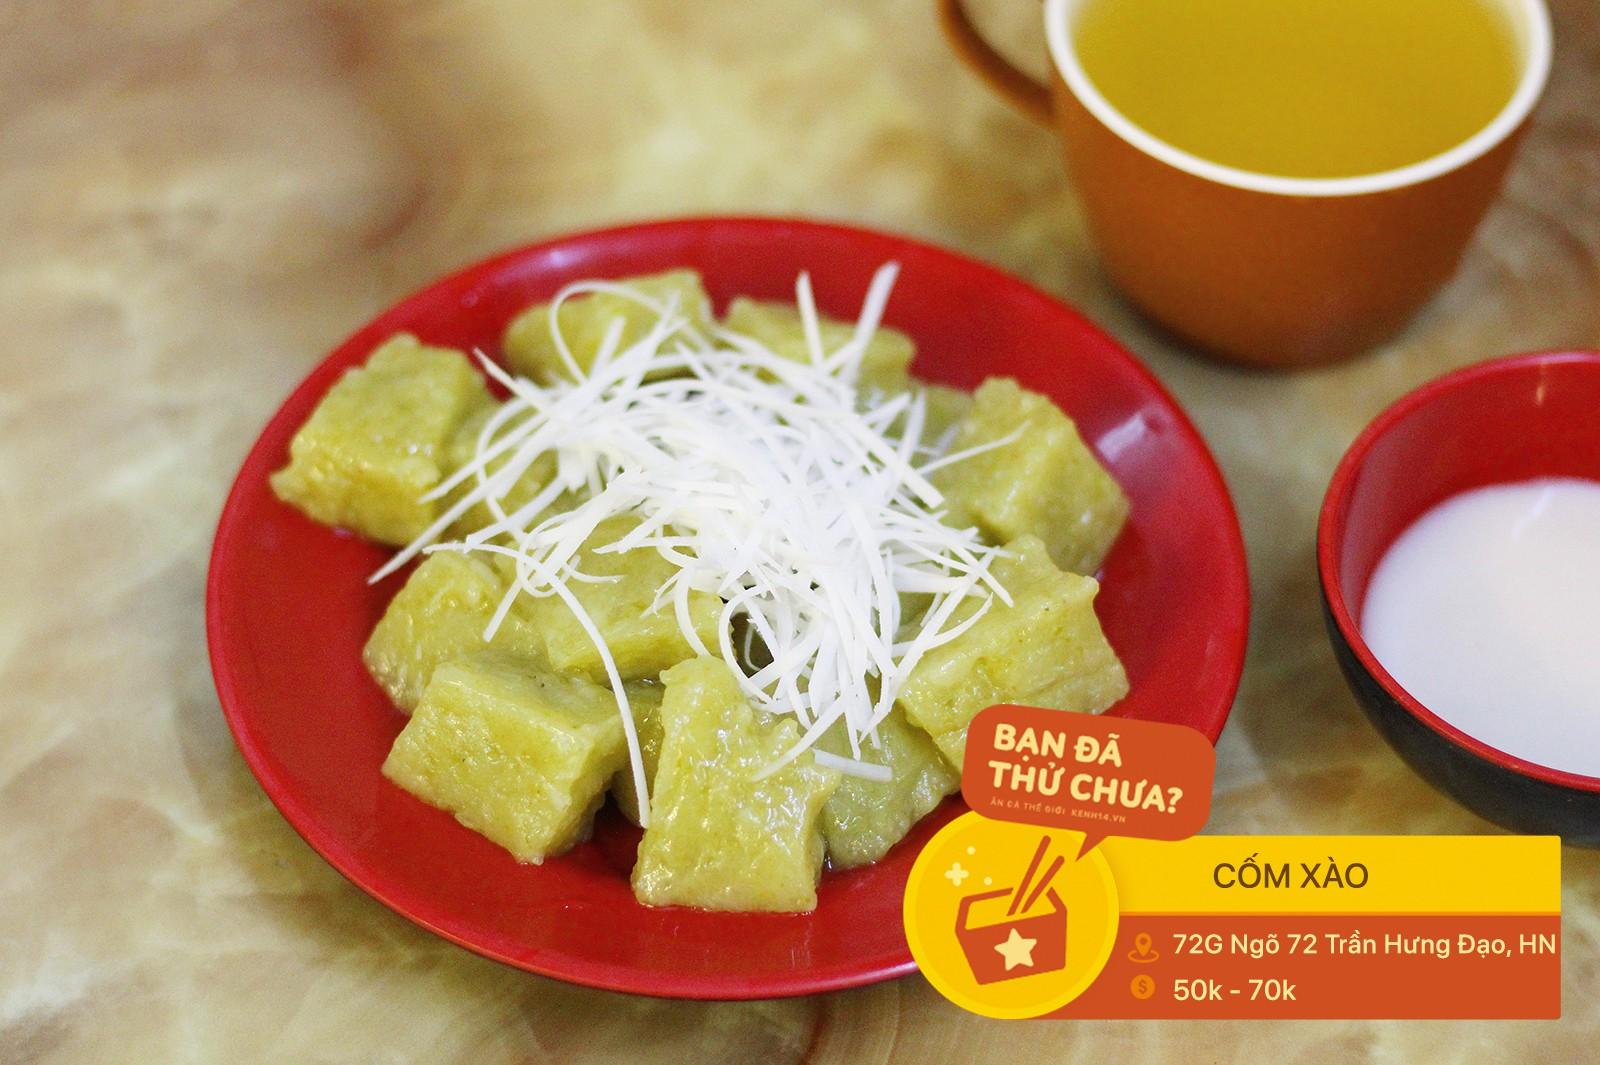 Hàng cốm xào siêu đắt ở Hà Nội: 50k - 70k/đĩa nhưng khách vẫn ùn ùn đến - nhất là vào mùa này - Ảnh 6.